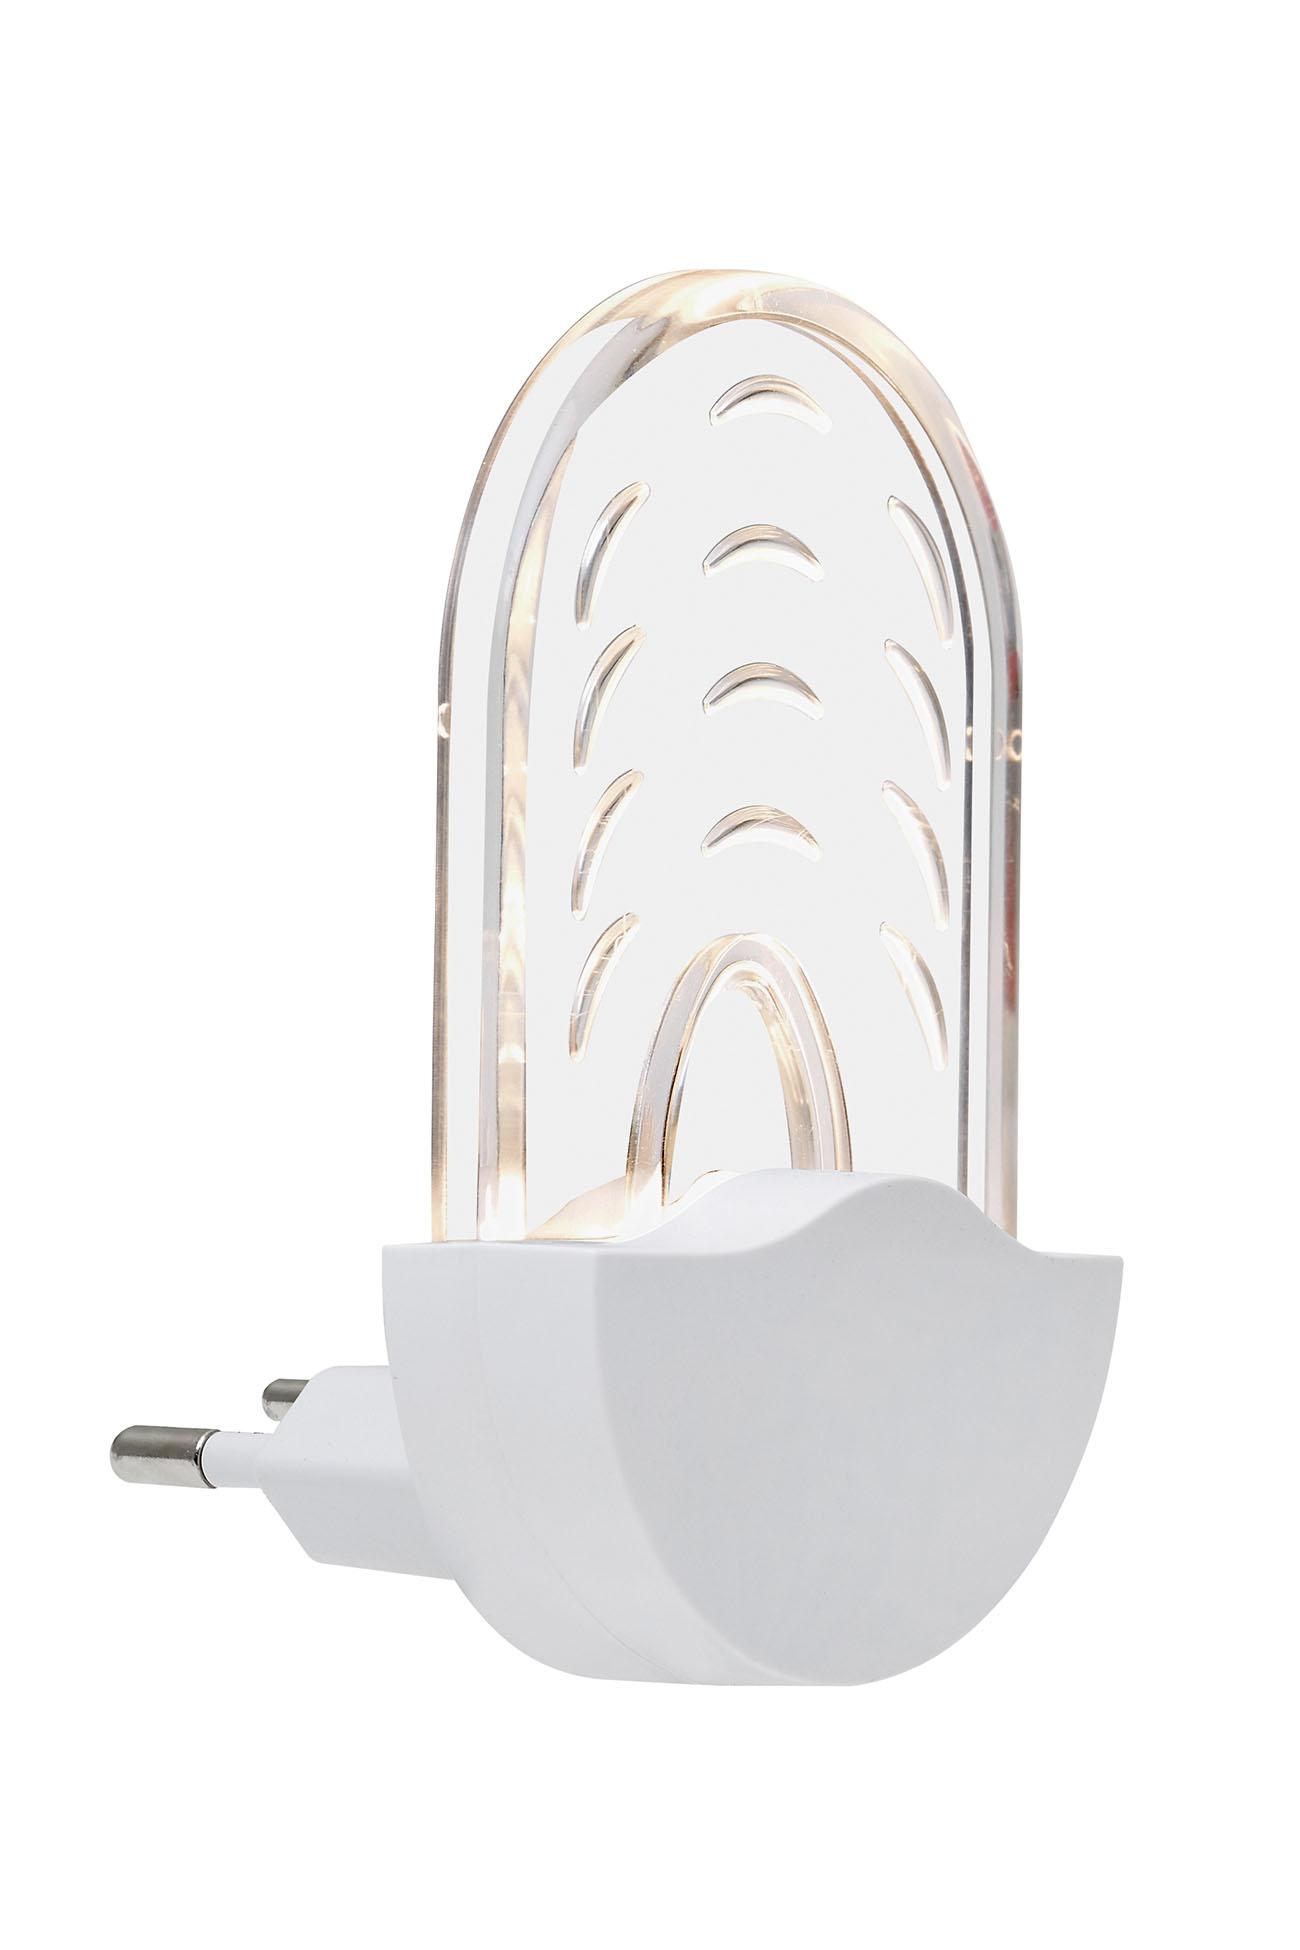 LED Steckernachtlicht, Ø 9 cm, 0,5 W, Weiß